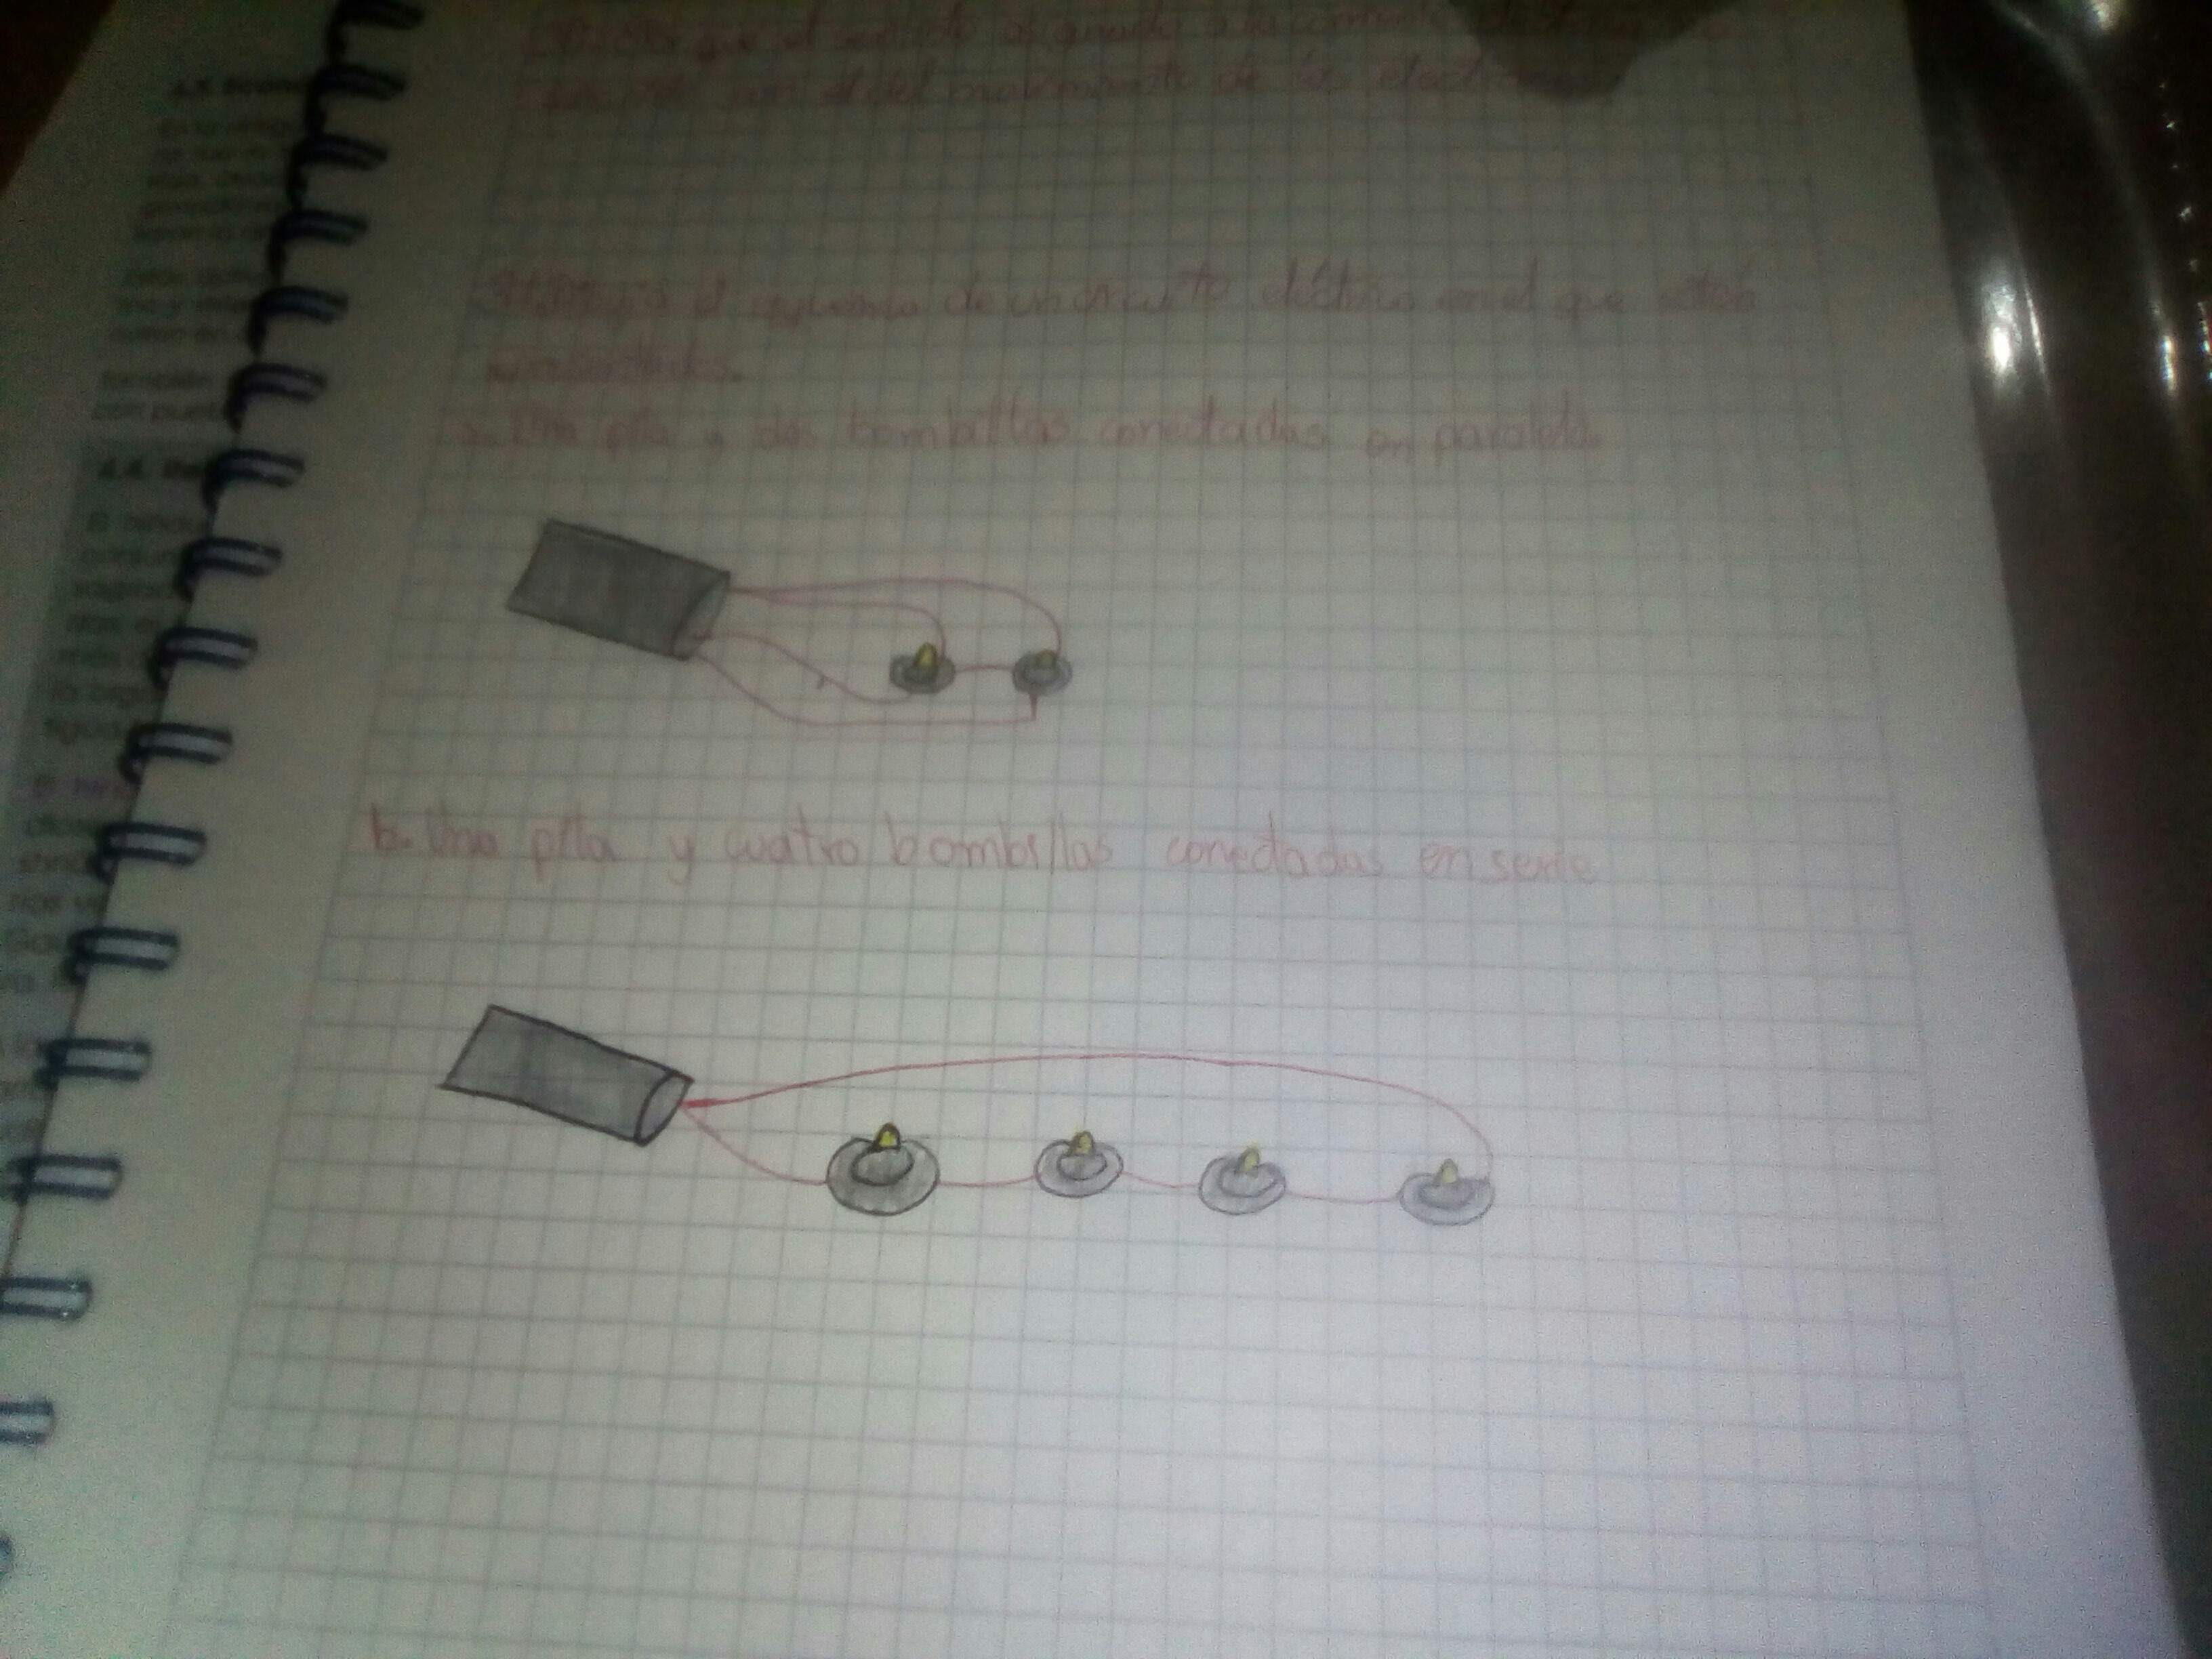 Circuito Electrico En Serie : Dibuja el esquema de un circuito electrico en el que esten